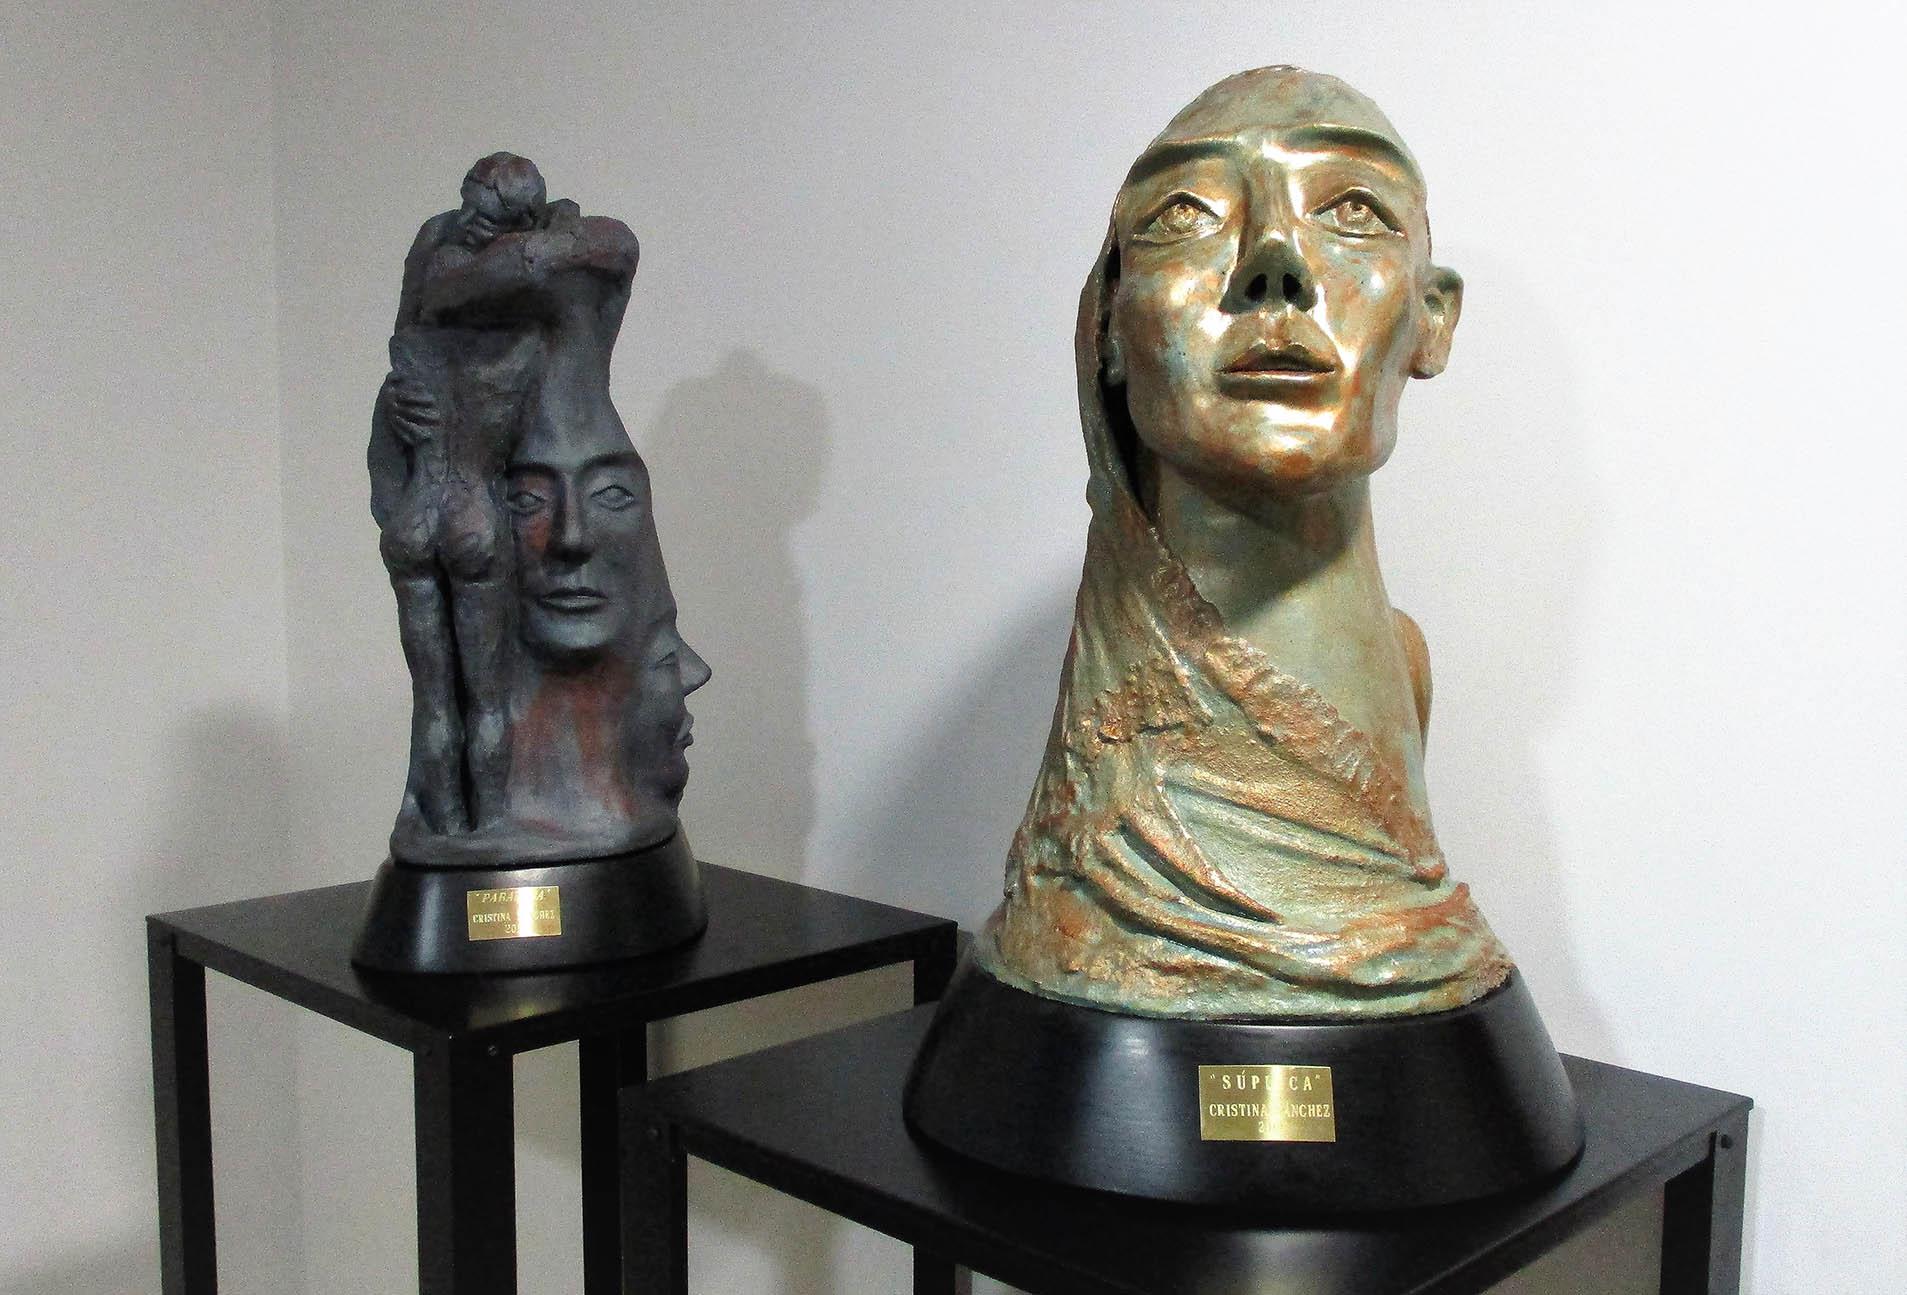 SANCHEZ ESTEVEZ esculturas Paradoja y Suplica año 2019